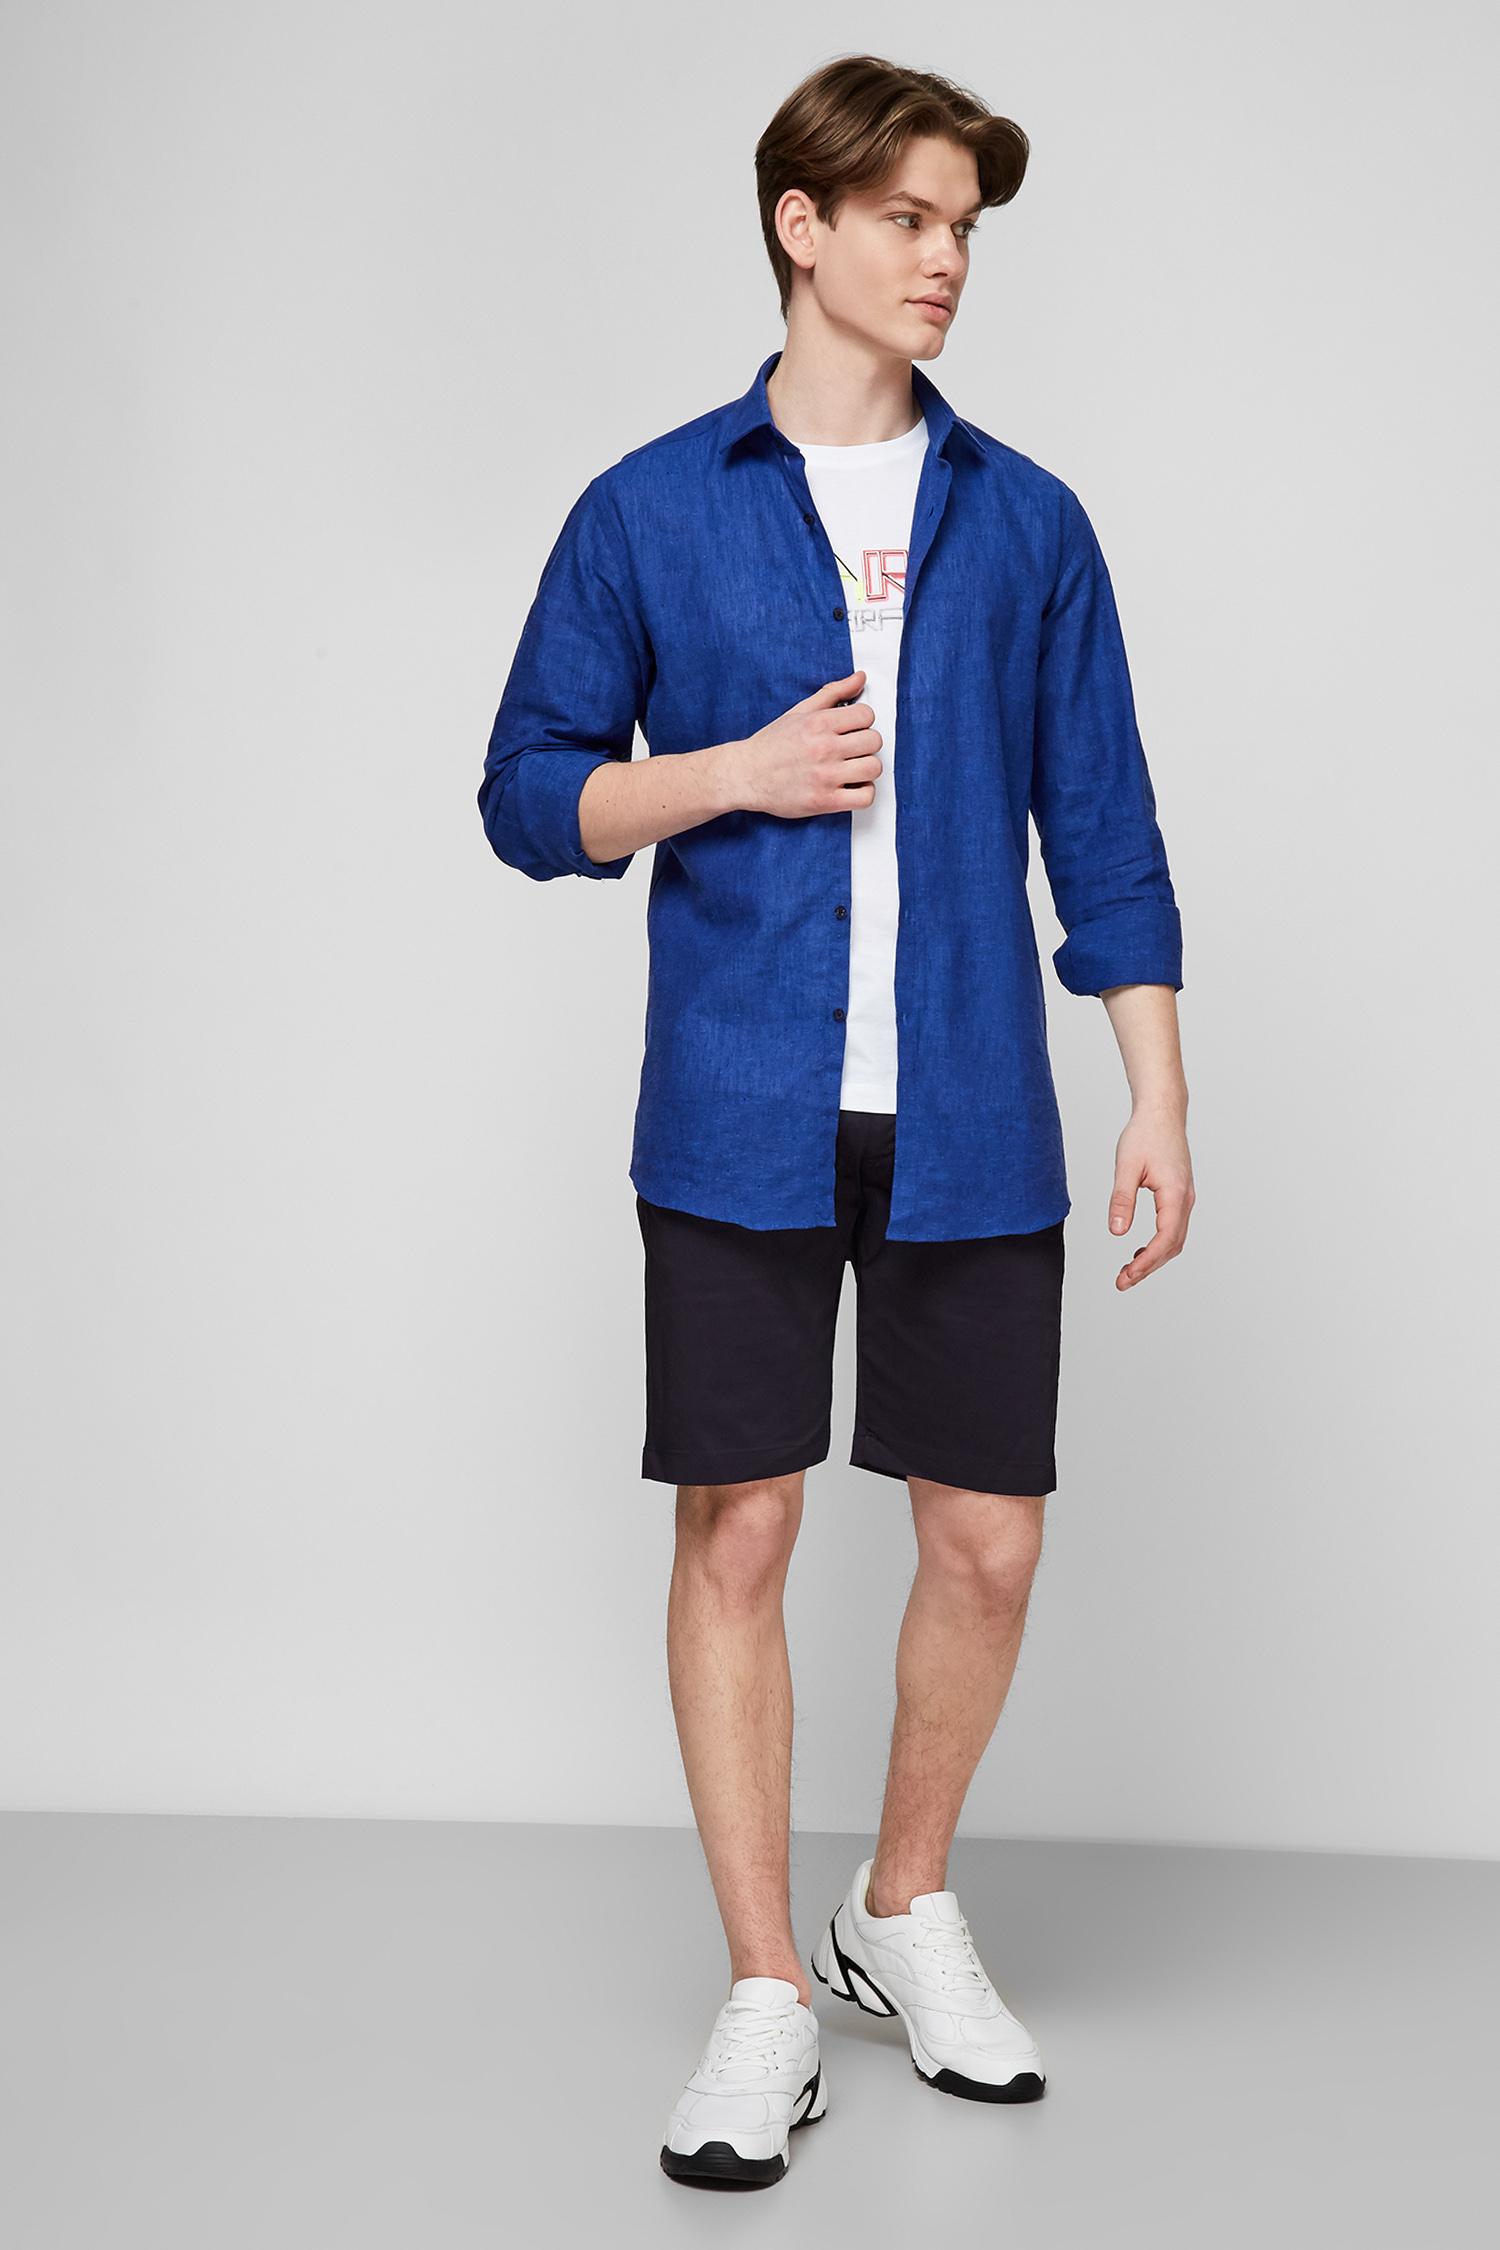 Синяя льняная рубашка для парней Karl Lagerfeld 511628.605003;660